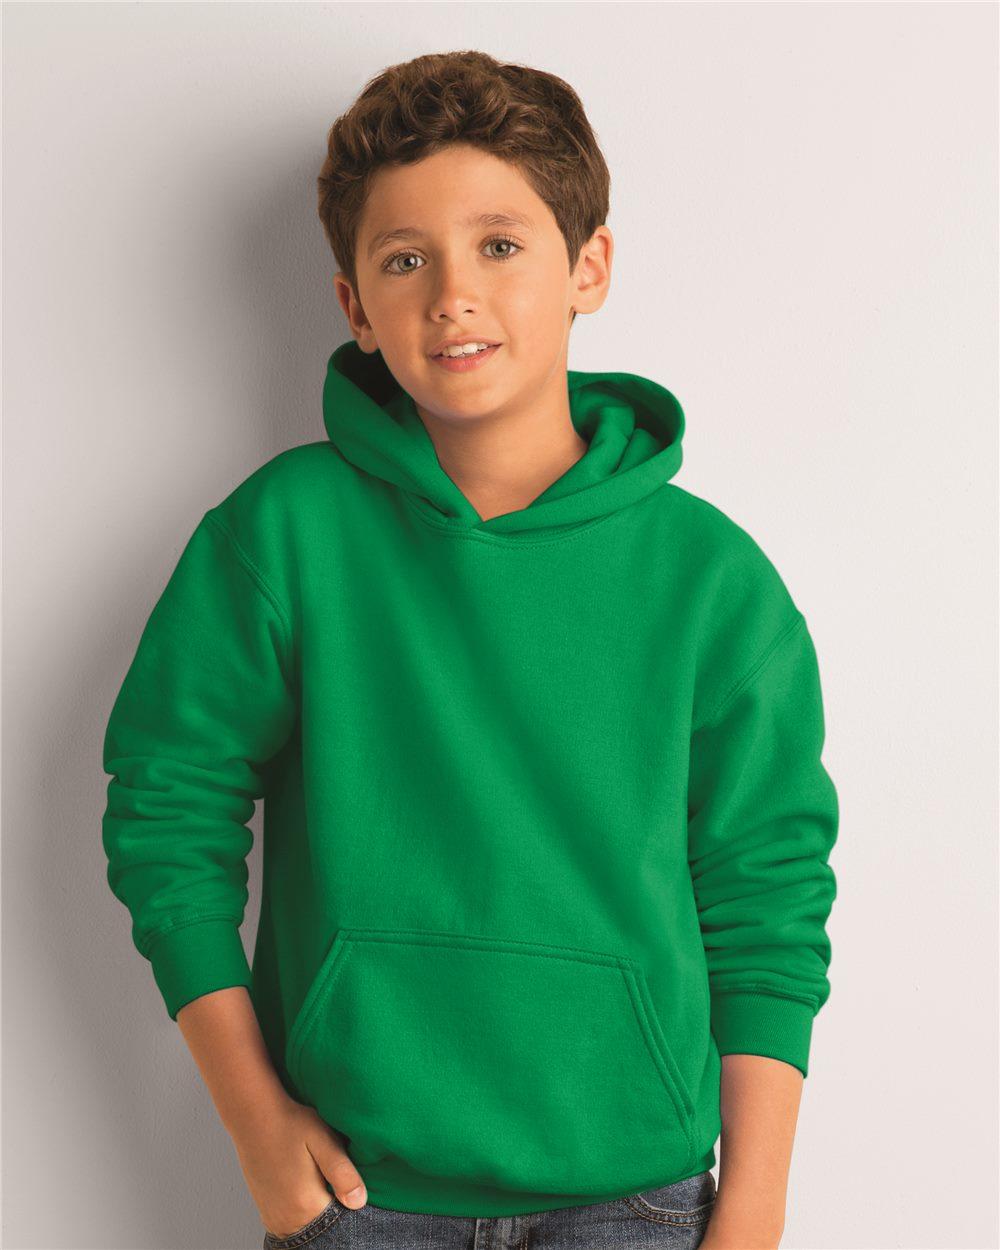 806b6a595397 Gildan 18500B - Heavy Blend Youth Hooded Sweatshirt - Friendly ...